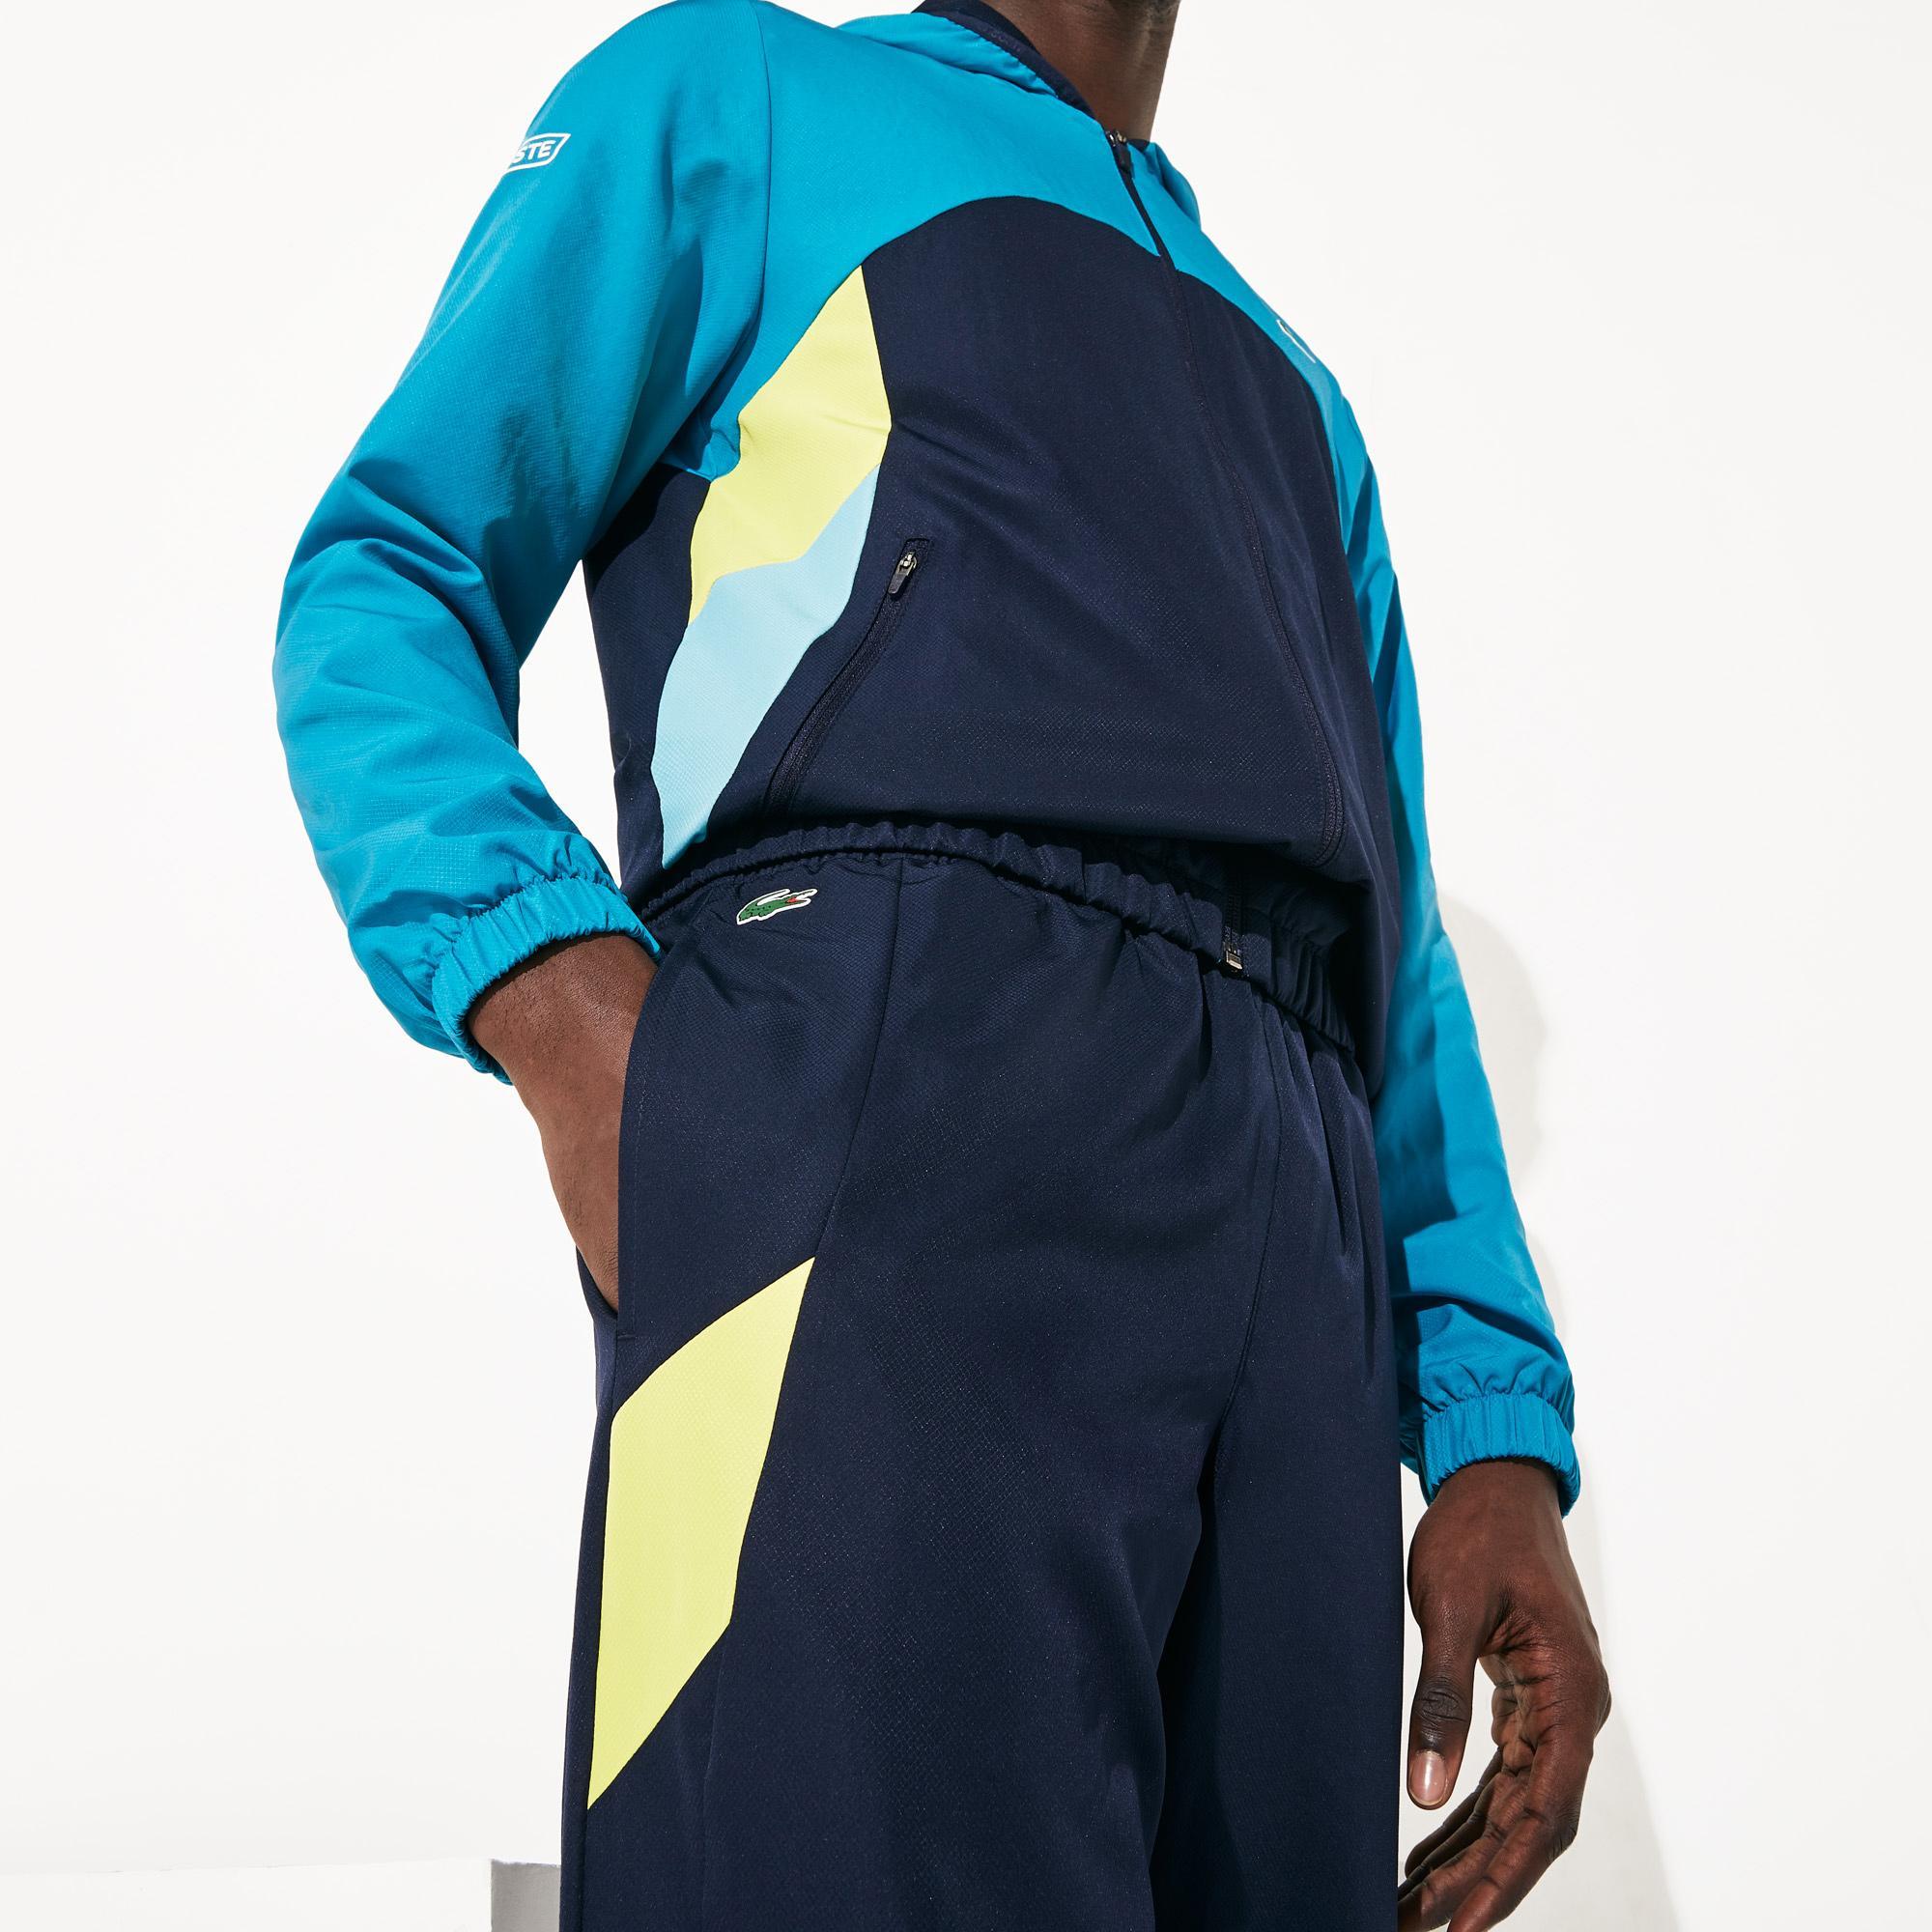 Lacoste Sport Erkek Fermuarlı Blok Desenli Uzun Kollu Renkli Eşofman Takımı